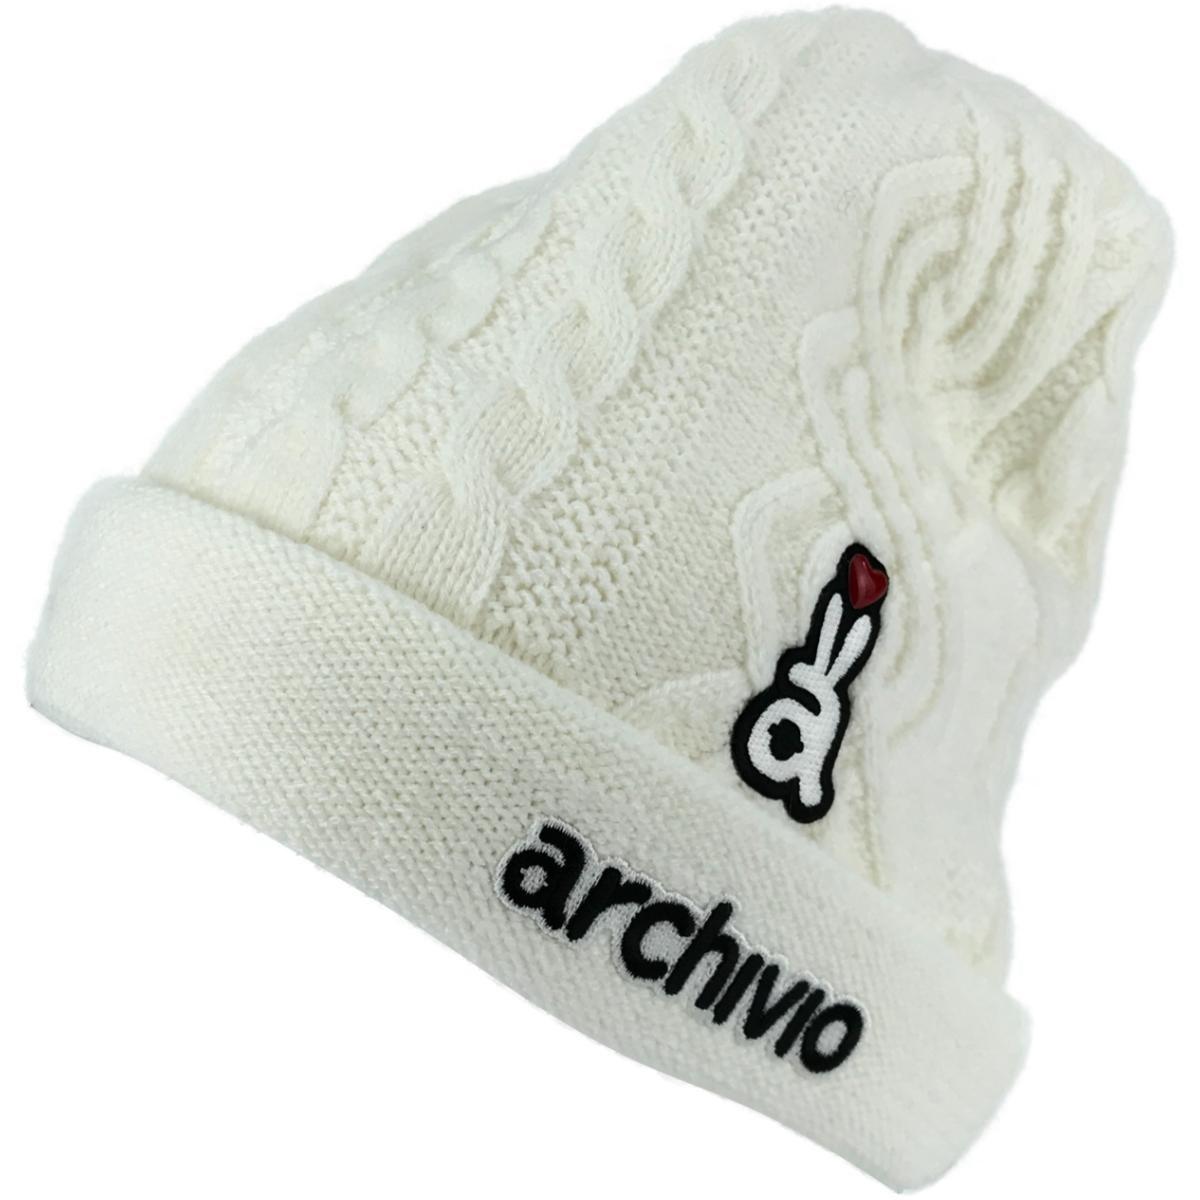 アルチビオ archivio ニットキャップ フリー ホワイト 090 レディス